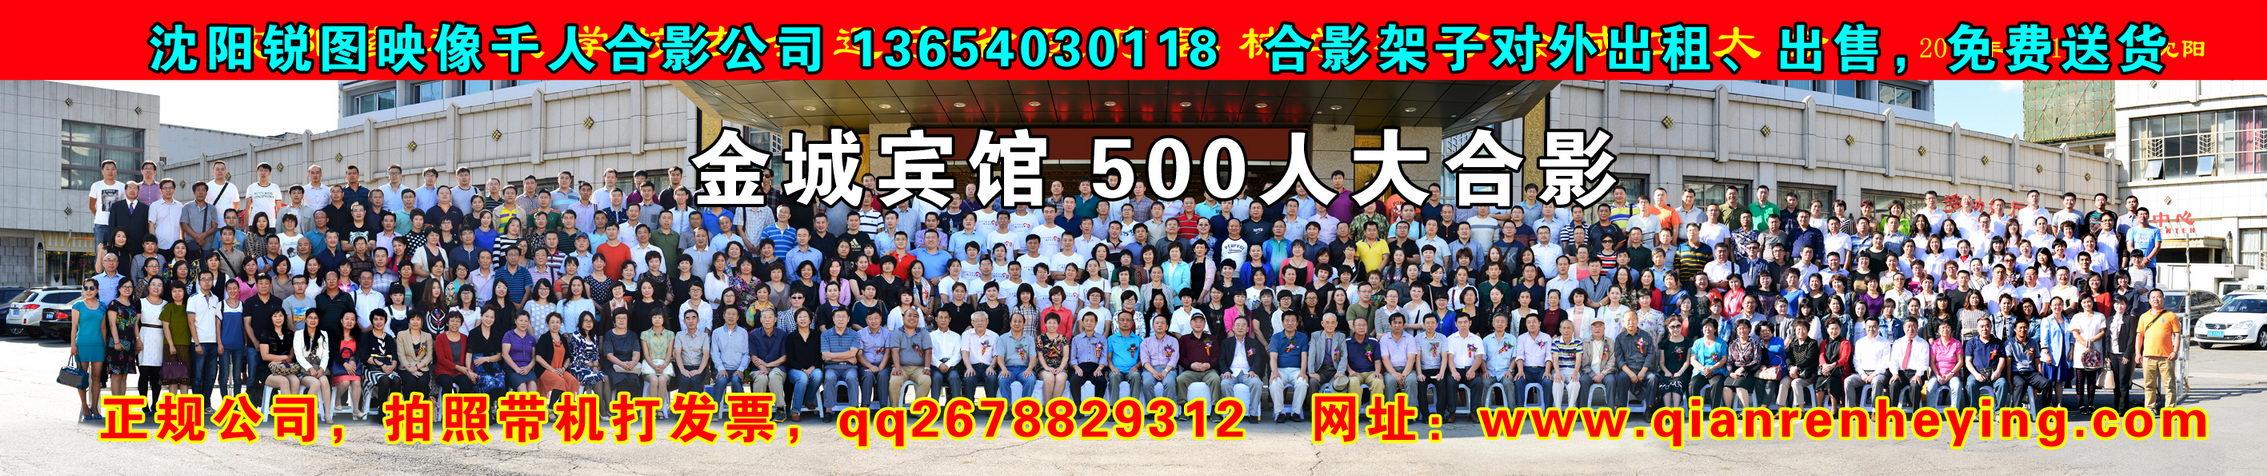 600人大合影